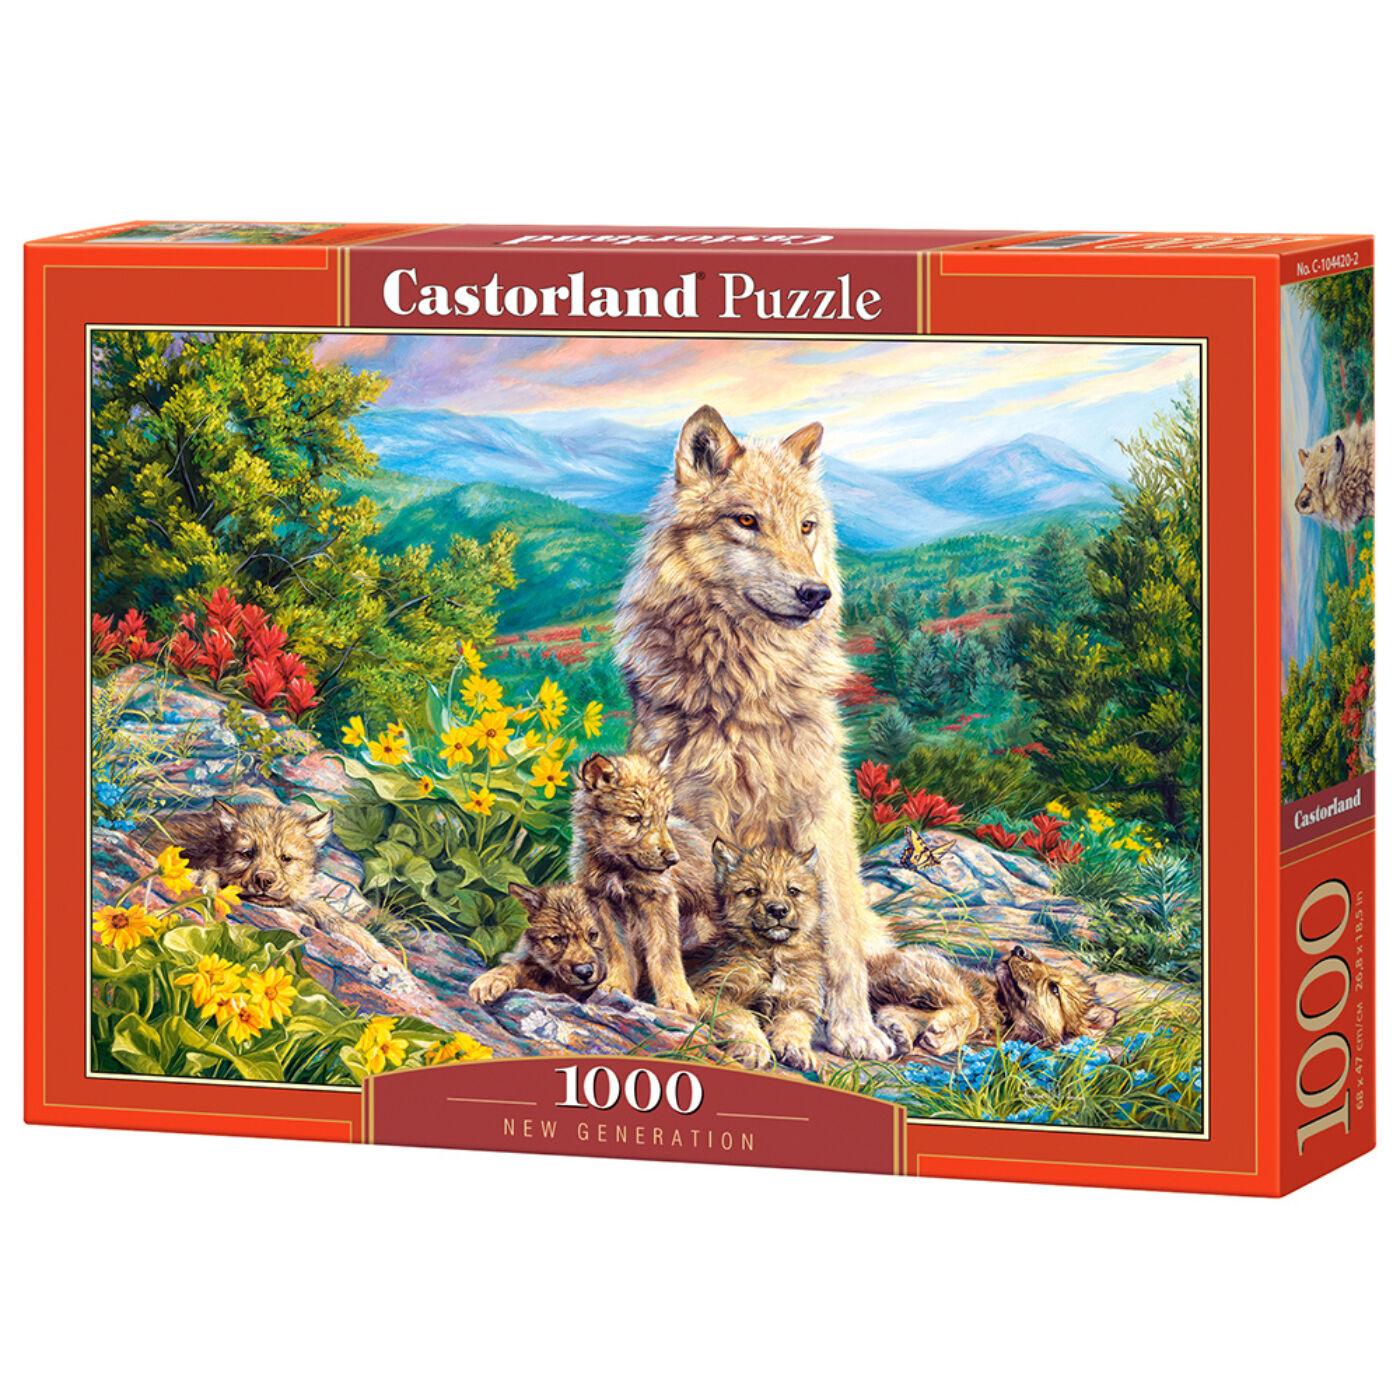 1000 db-os Castorland Puzzle -  Új generáció